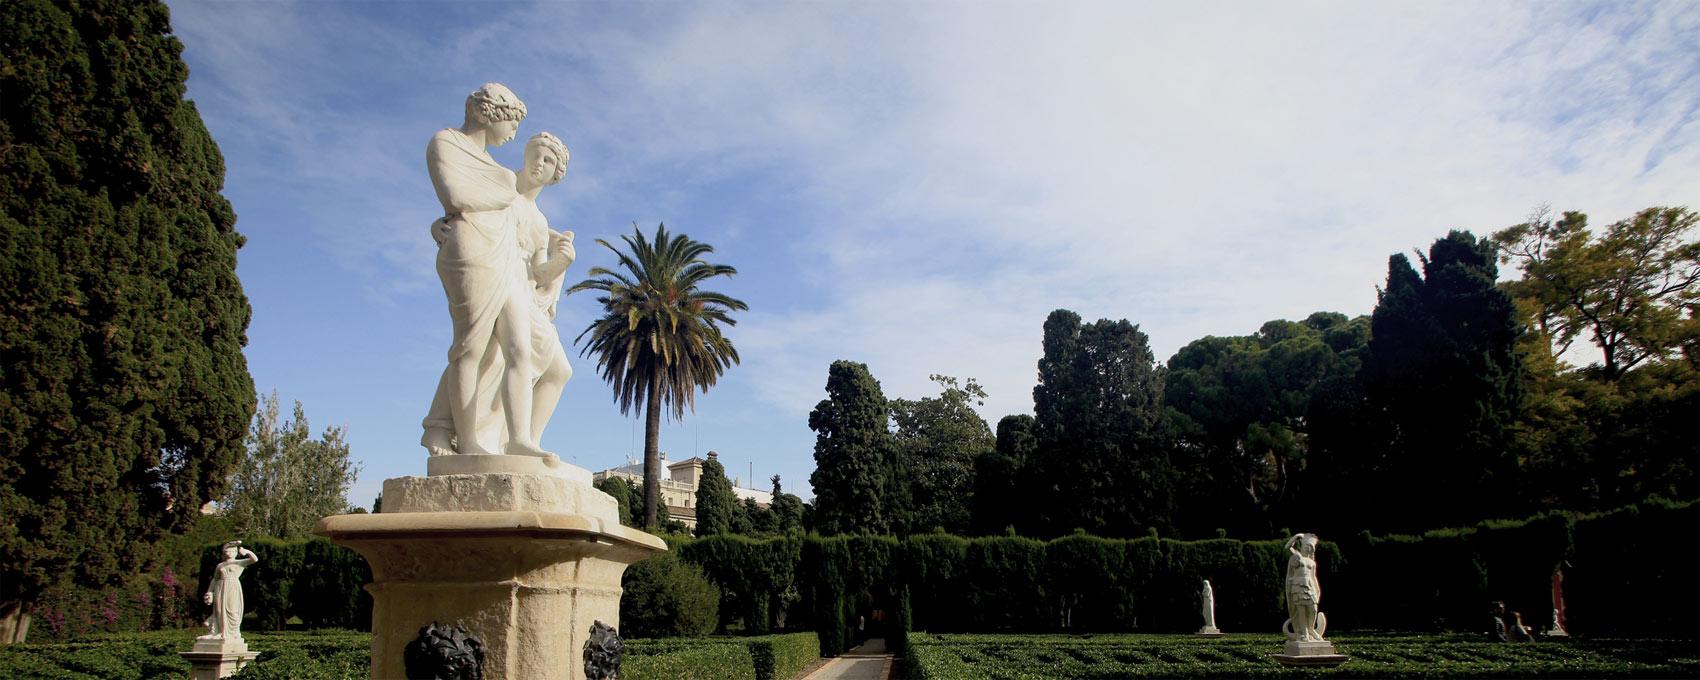 """En el centre del parterre vell es troba la bassa circular amb l'estàtua dels amants """"Dafnis i Cloe"""". Al seu voltant, diferents escultures al•legòriques als quatre continents: Europa, Àfrica, Asia, América, i de dues estacions: la Primavera i l'Hivern"""